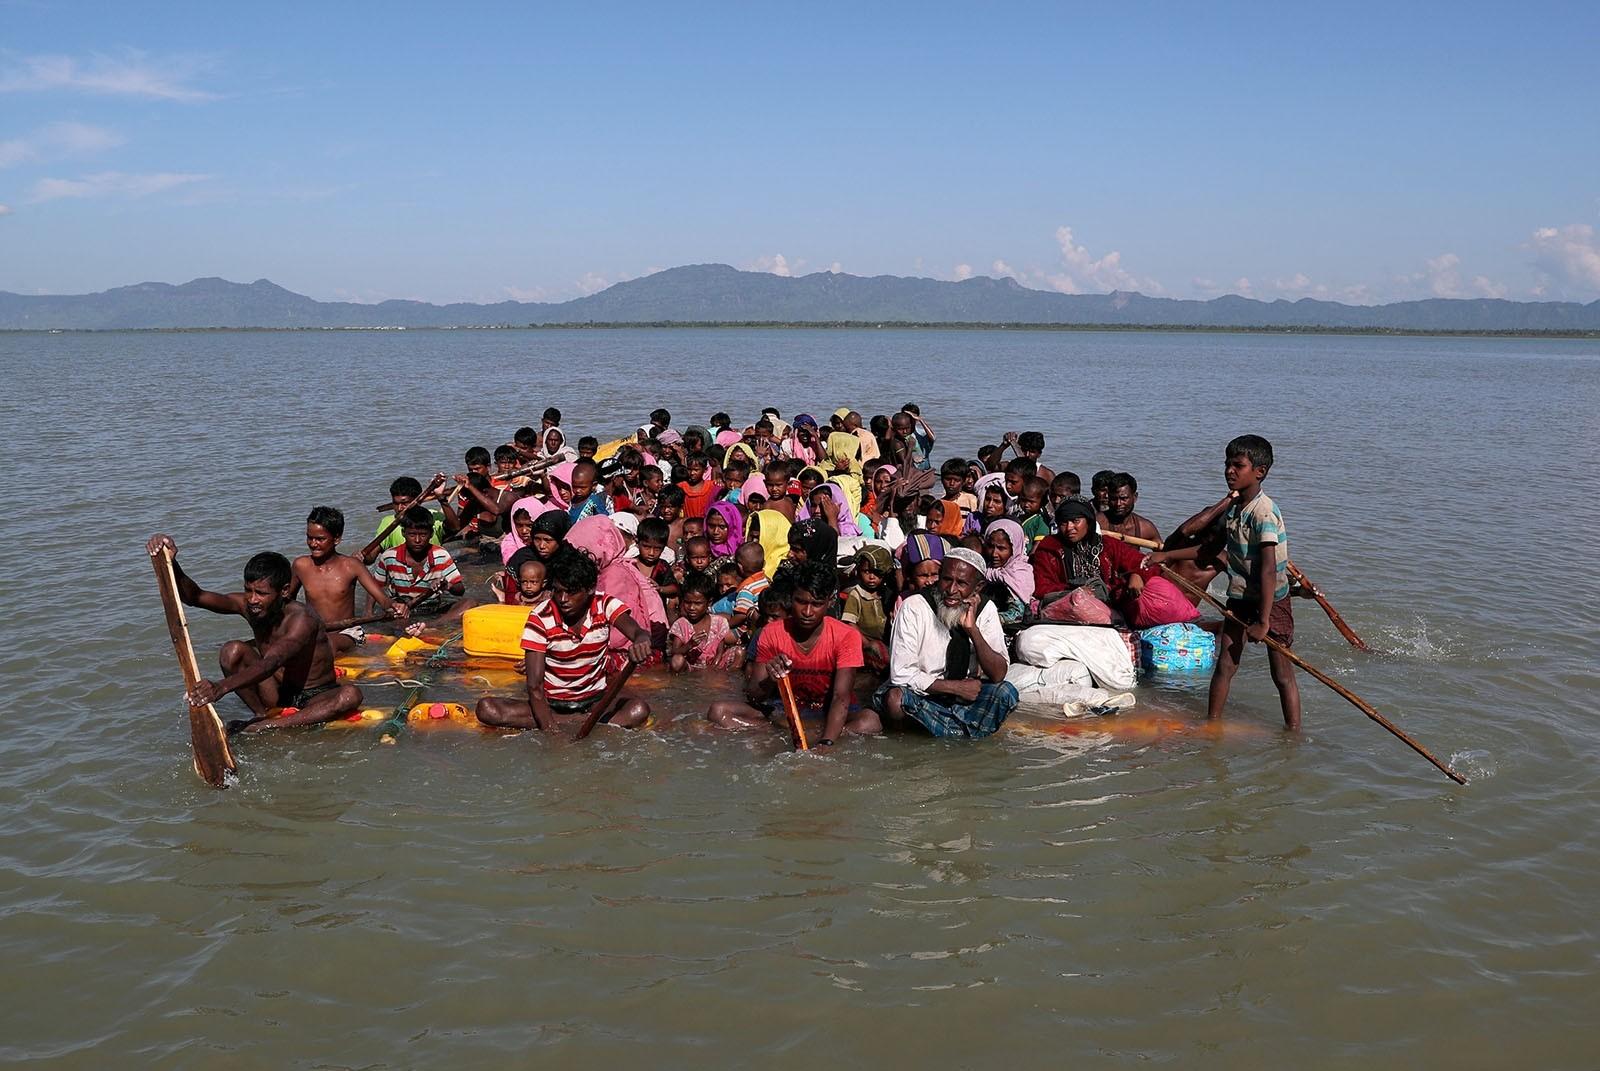 Rohingya refugees cross the Naf River with an improvised raft to reach to Bangladesh at Sabrang near Teknaf, Bangladesh November 10, 2017.